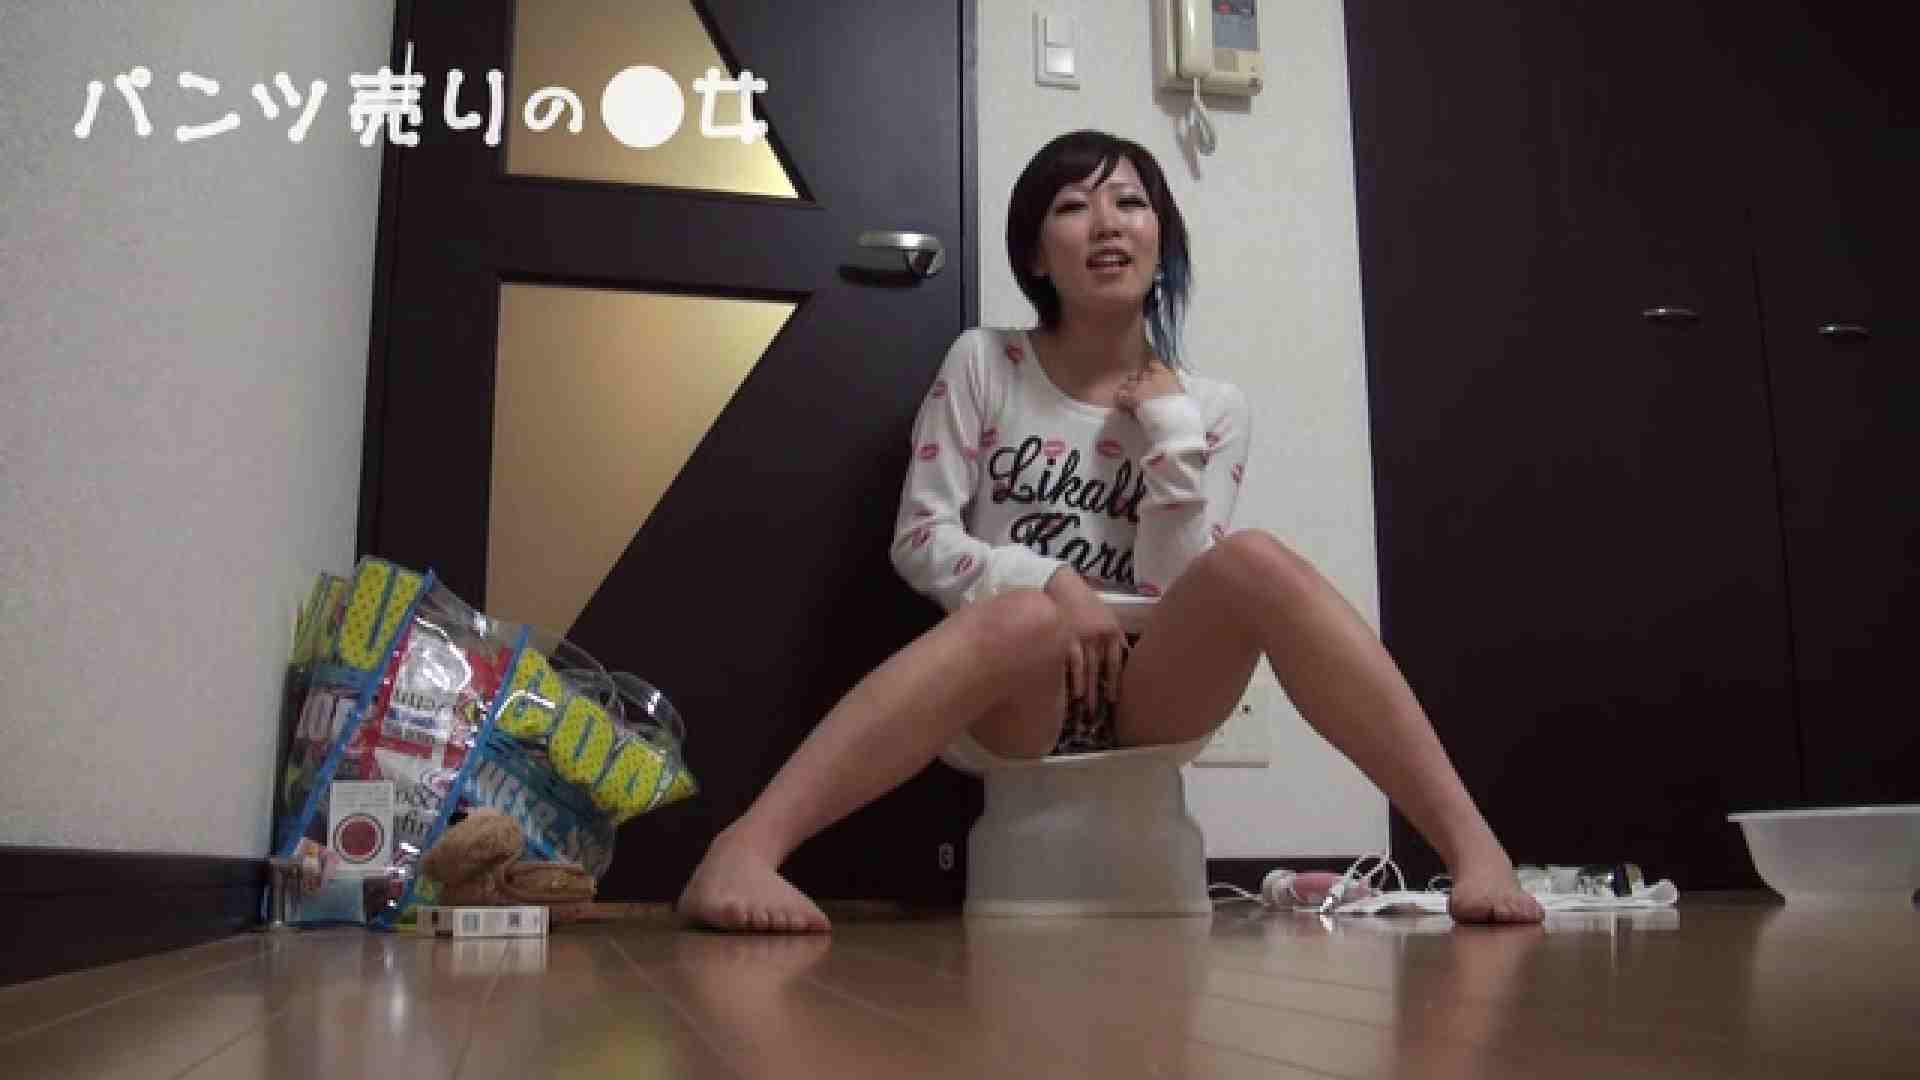 新説 パンツ売りの女の子nana パンツ  36連発 20